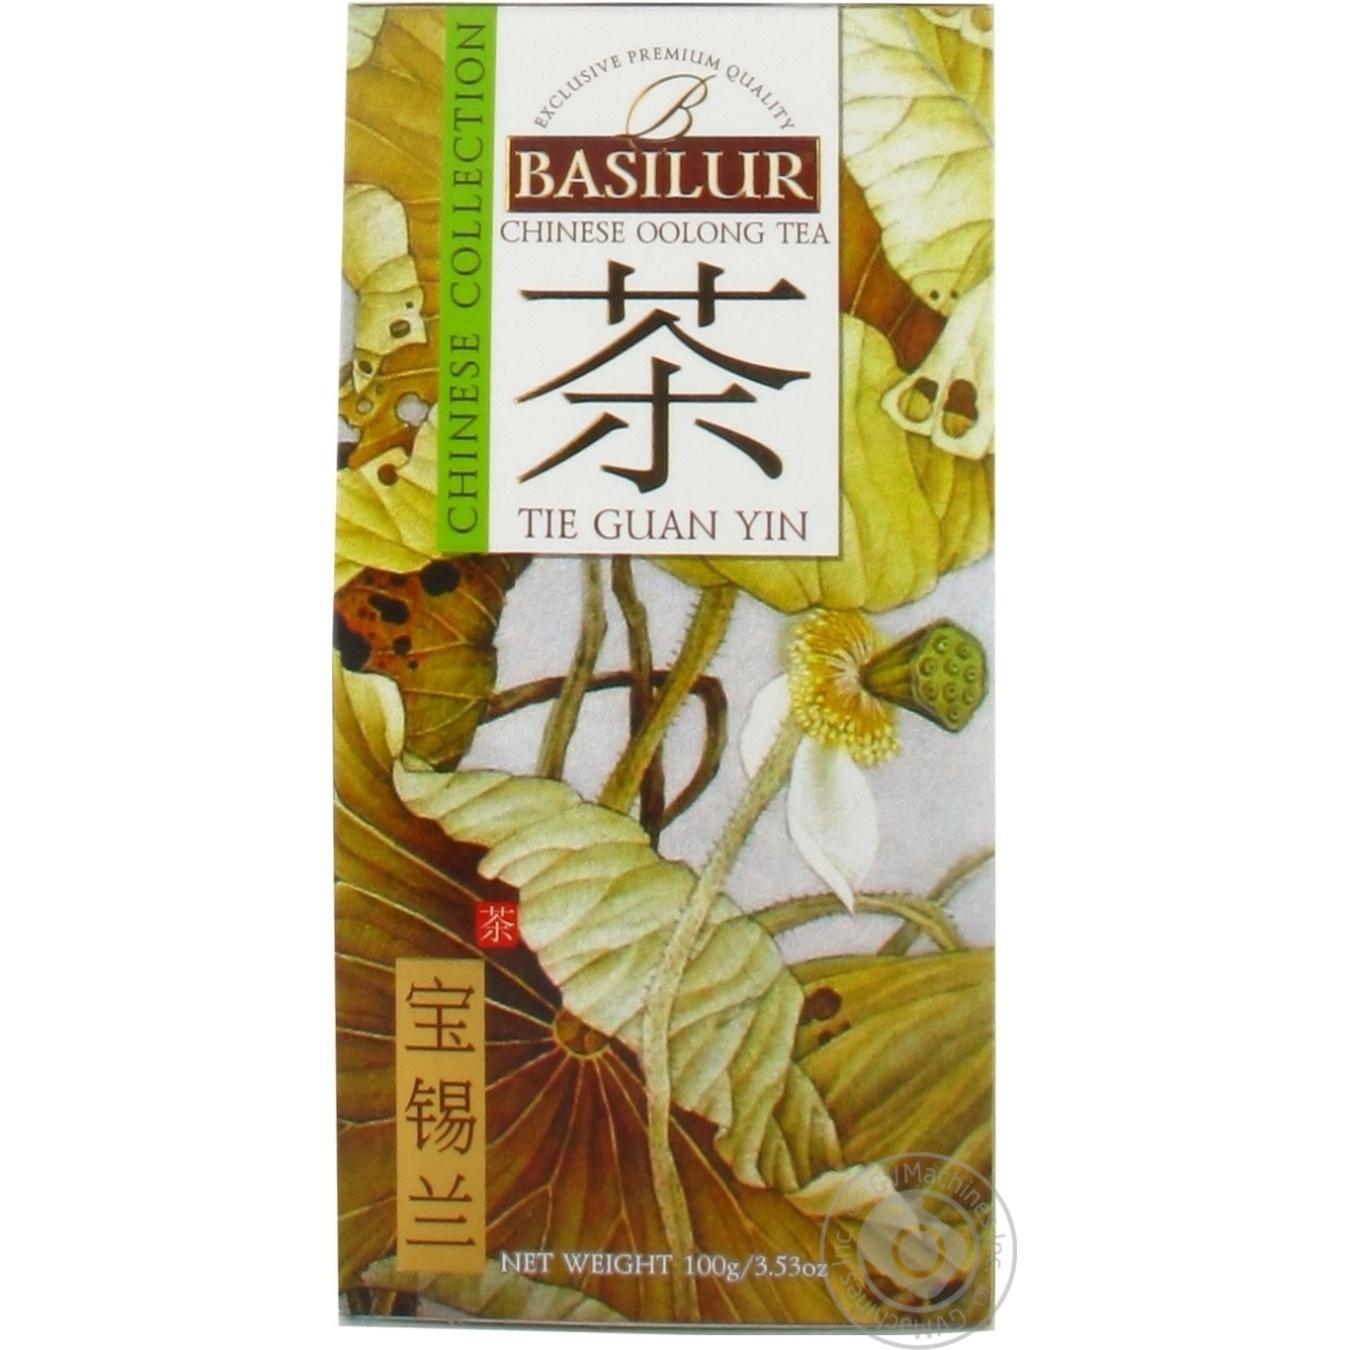 Купить Чай Basilur зеленый китай тегуань 100г